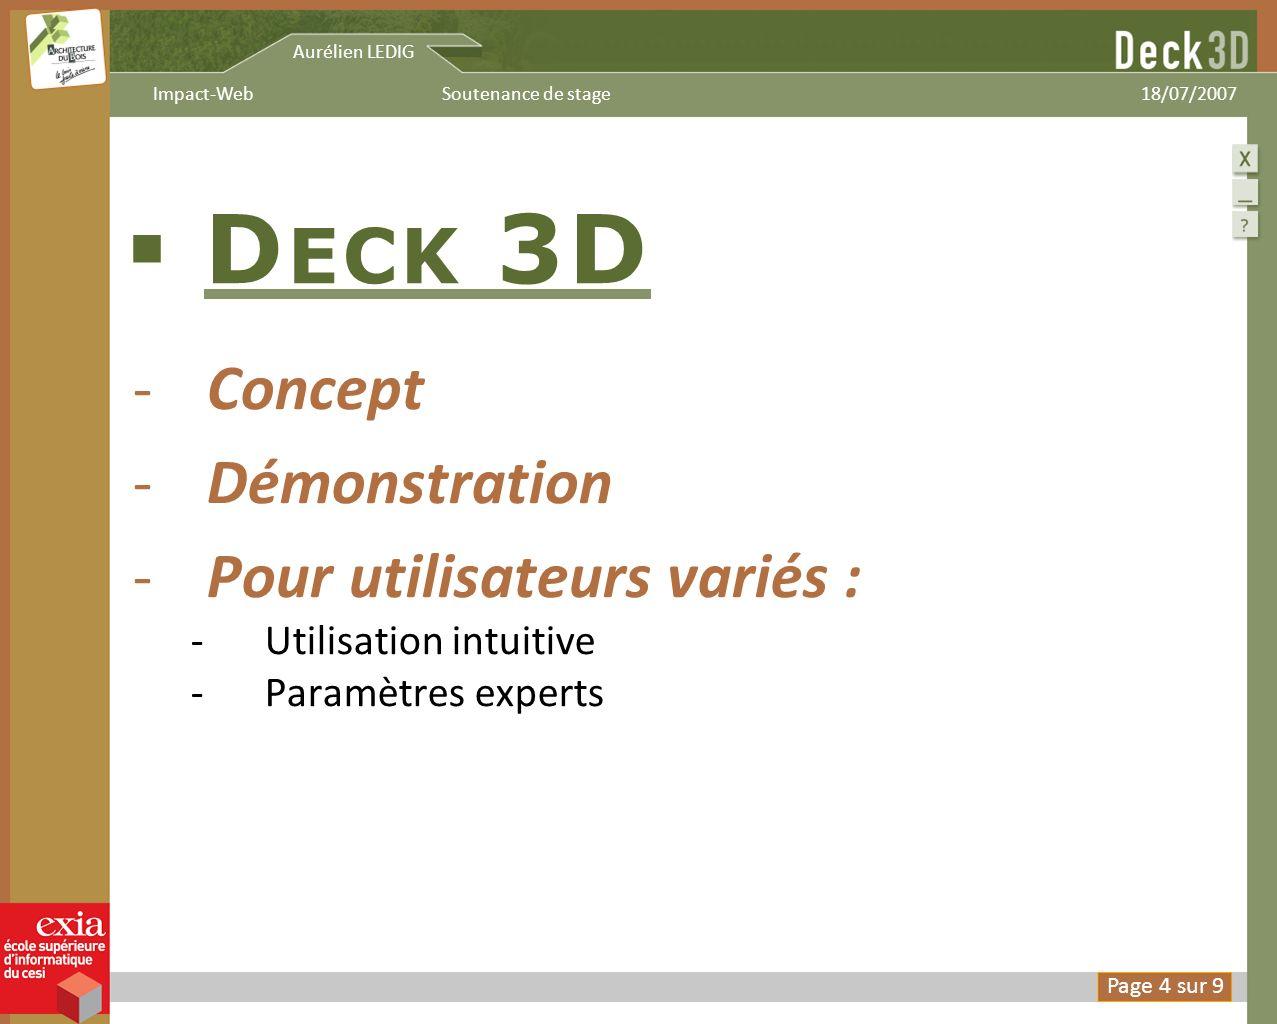 Aurélien LEDIG 18/07/2007Soutenance de stageImpact-Web D ECK 3D -Concept -Démonstration -Pour utilisateurs variés : -Utilisation intuitive -Paramètres